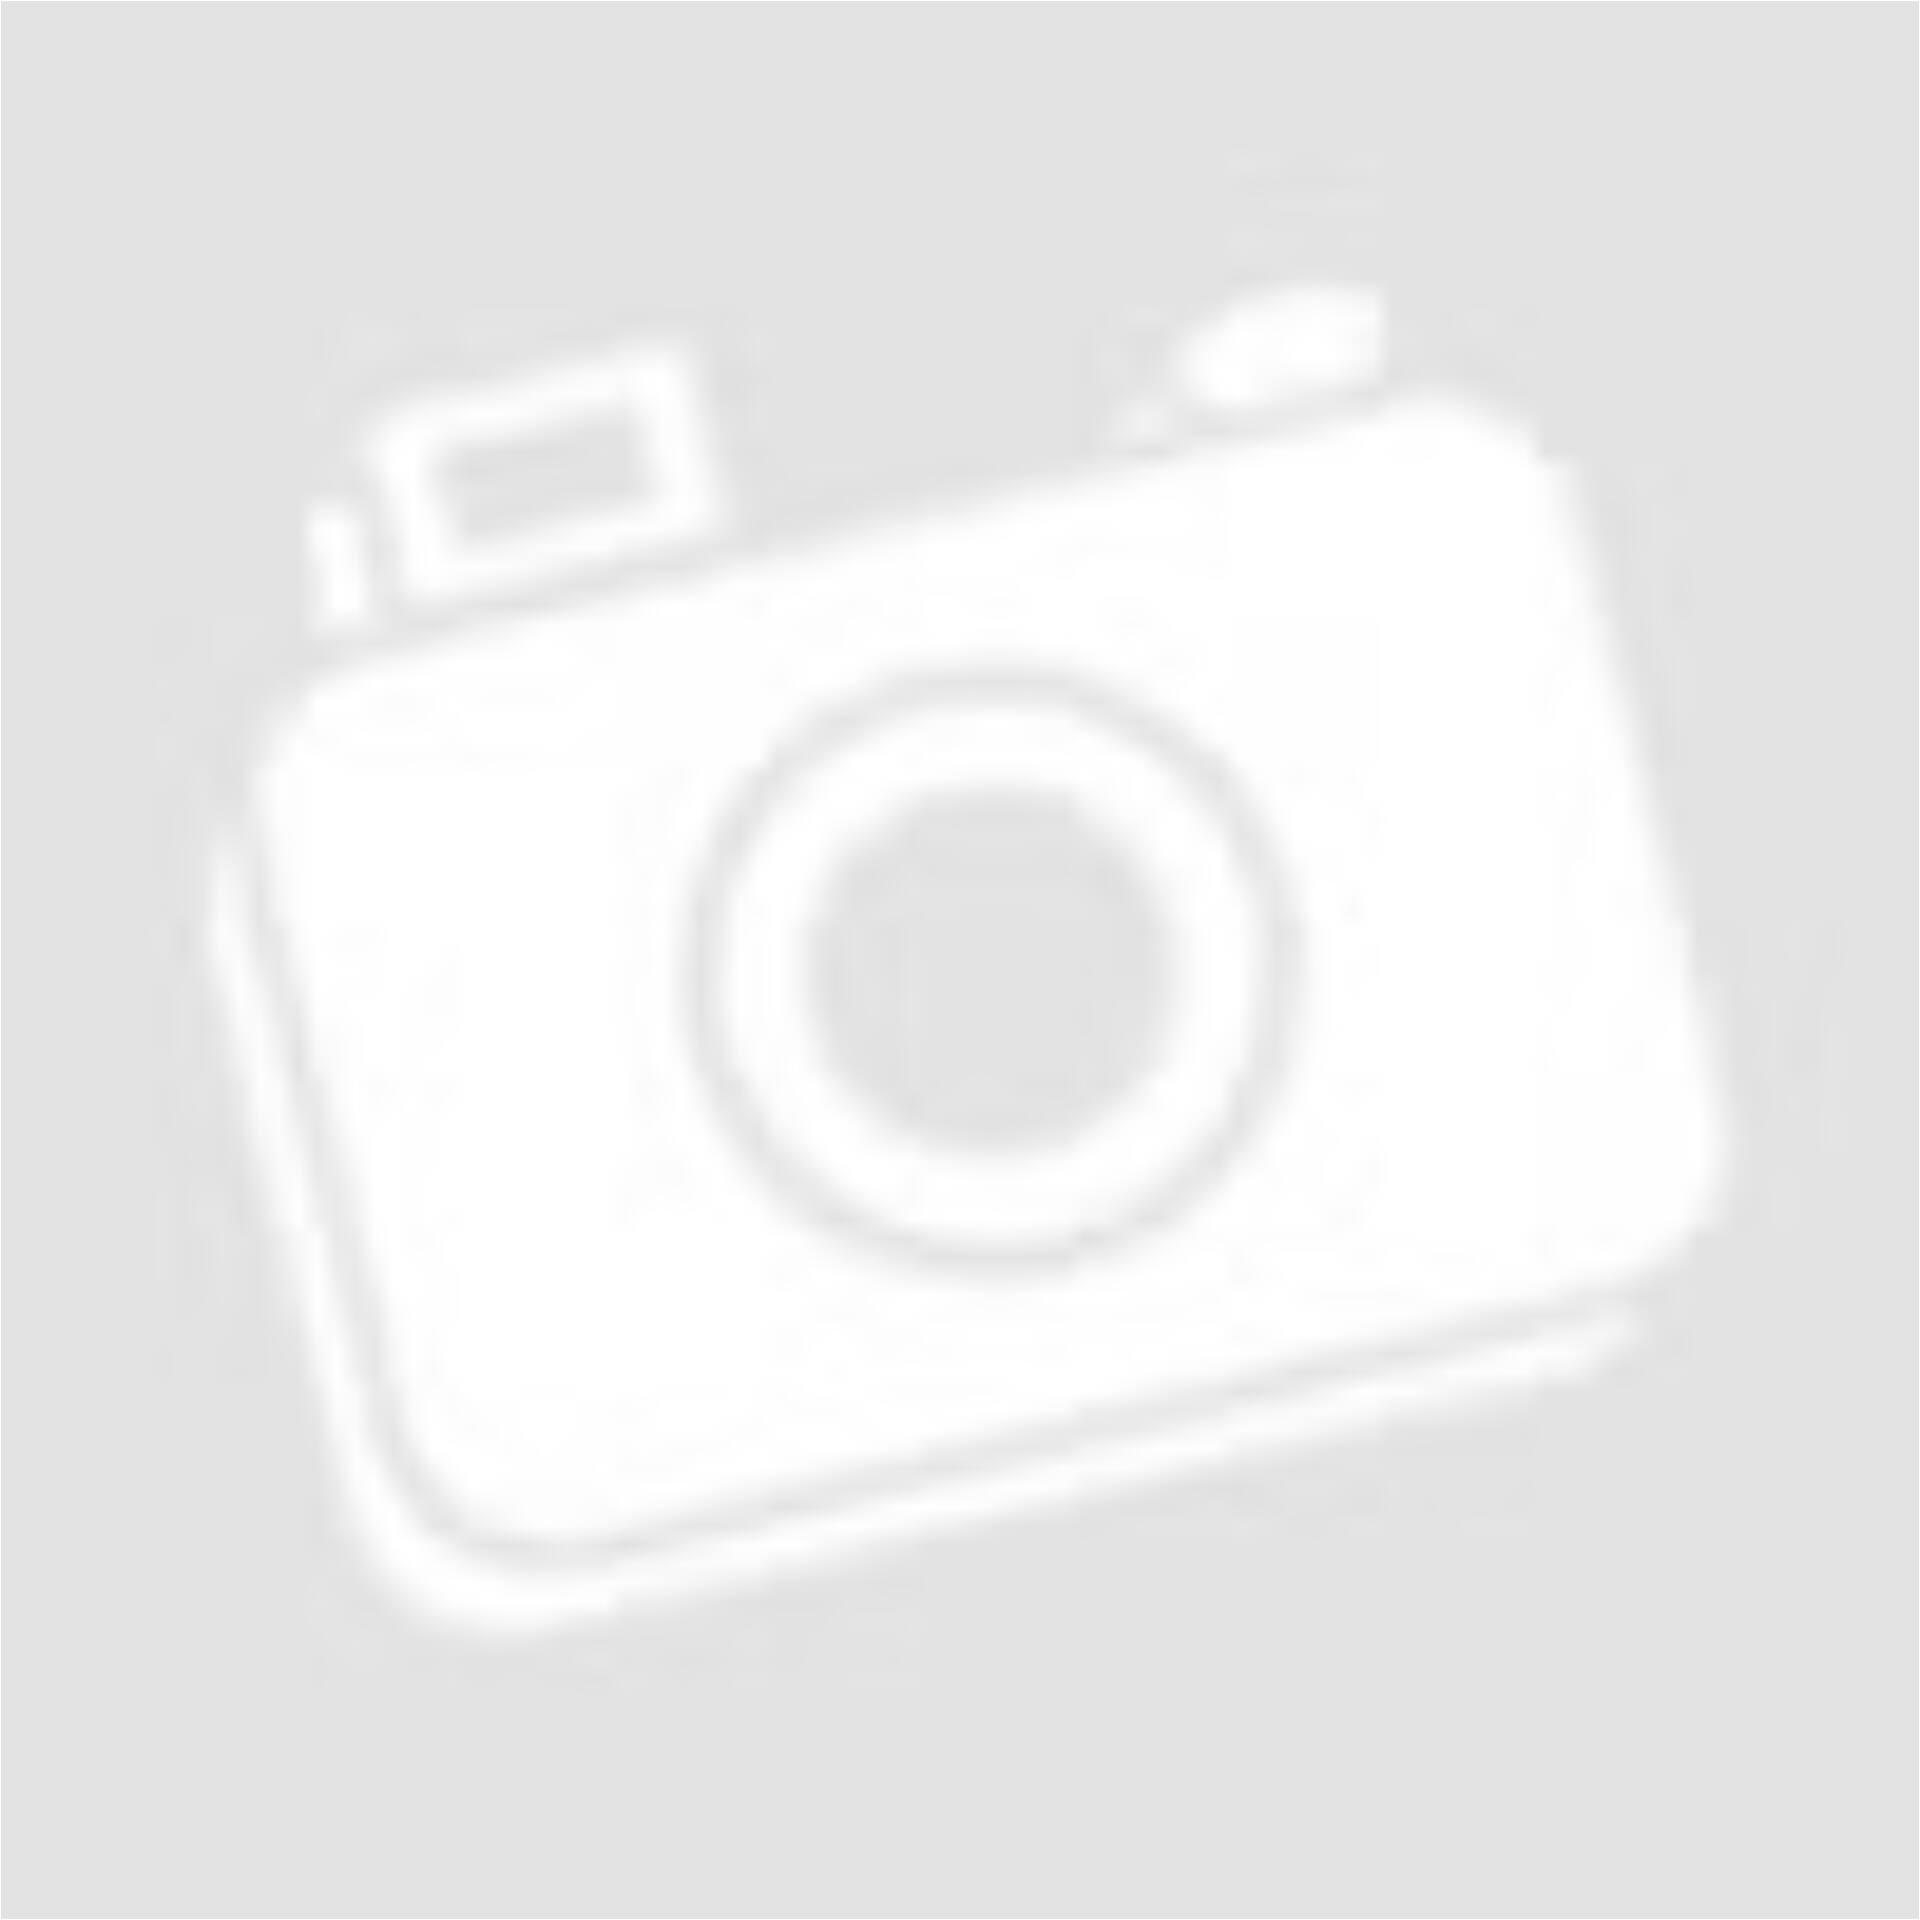 58a86ac590 ACTIVE BY TCHIBO szürke színű pulcsi (Méret: S) - Női pulóver, kardigán,  boleró - Öltözz ki webáruház - Új és Használtruha webshop